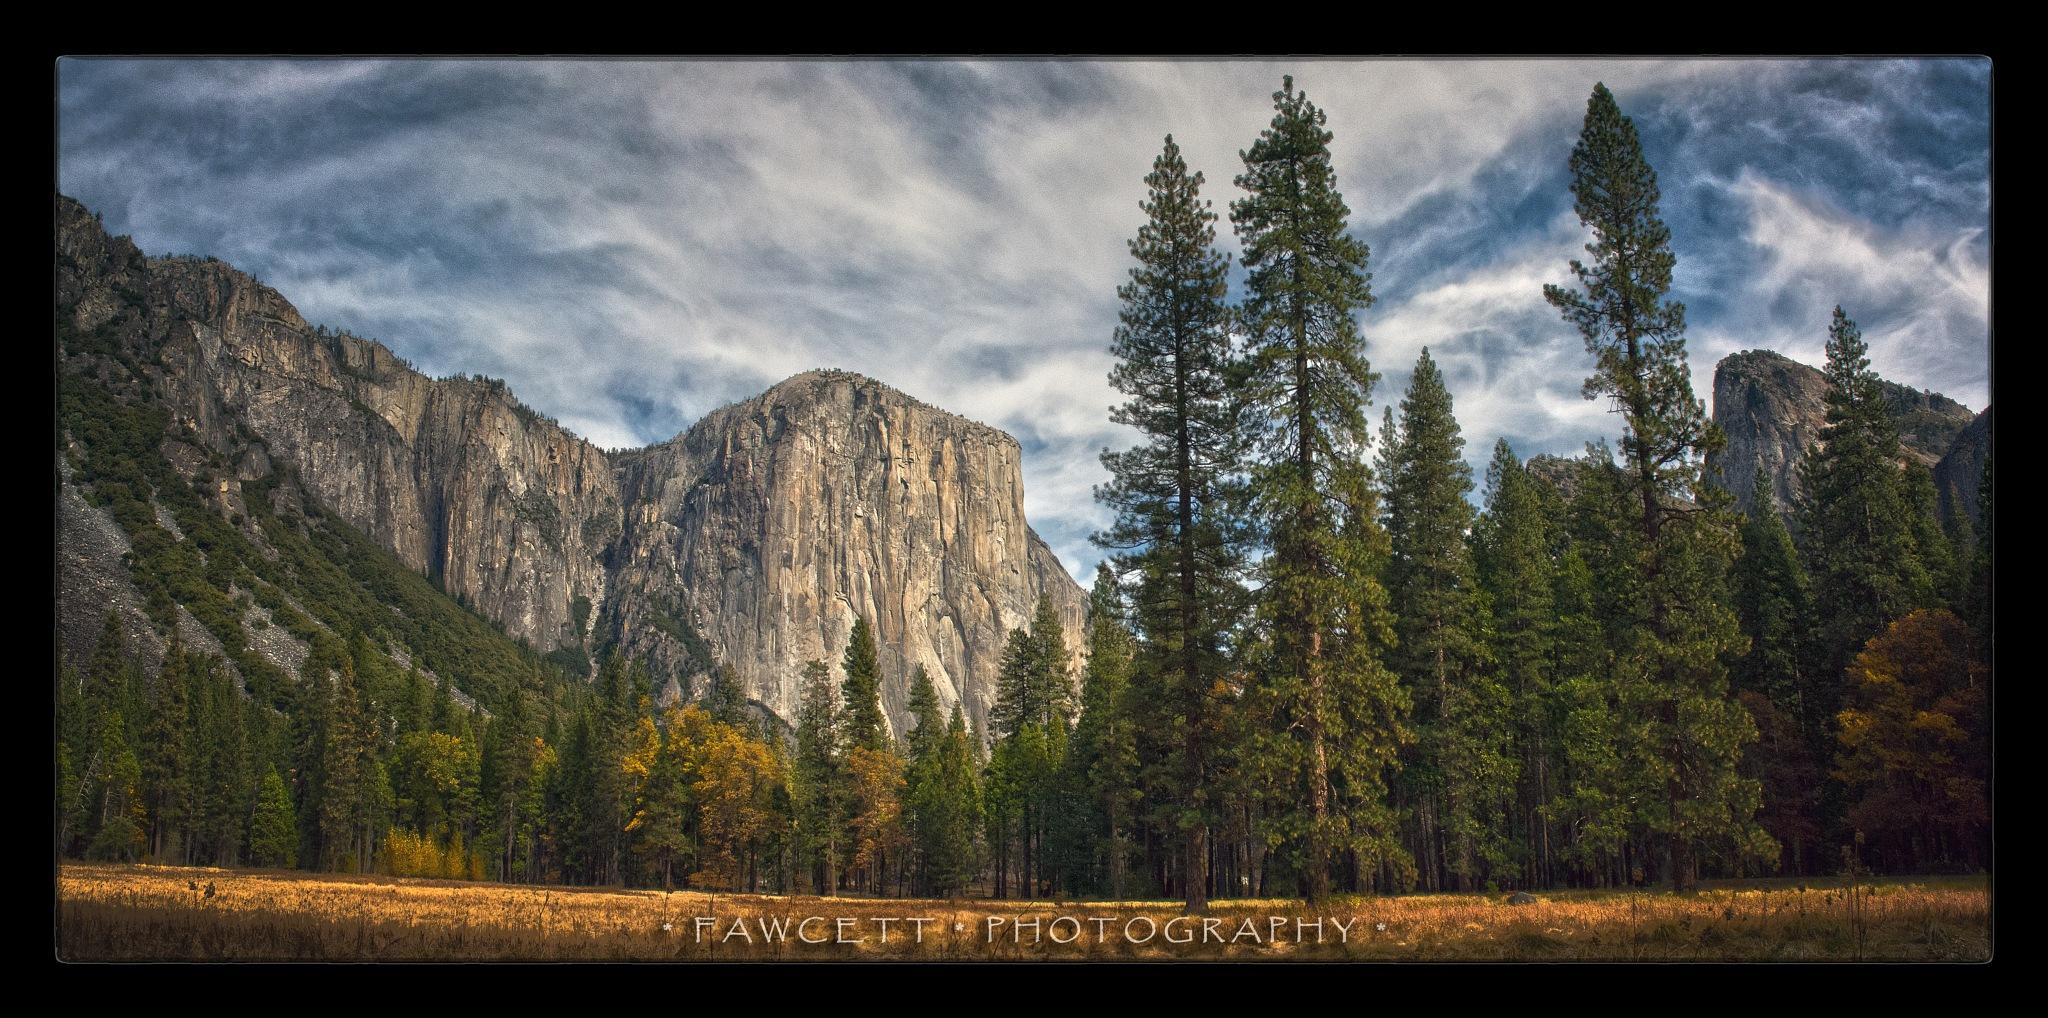 Yosemite by Robert W. Fawcett